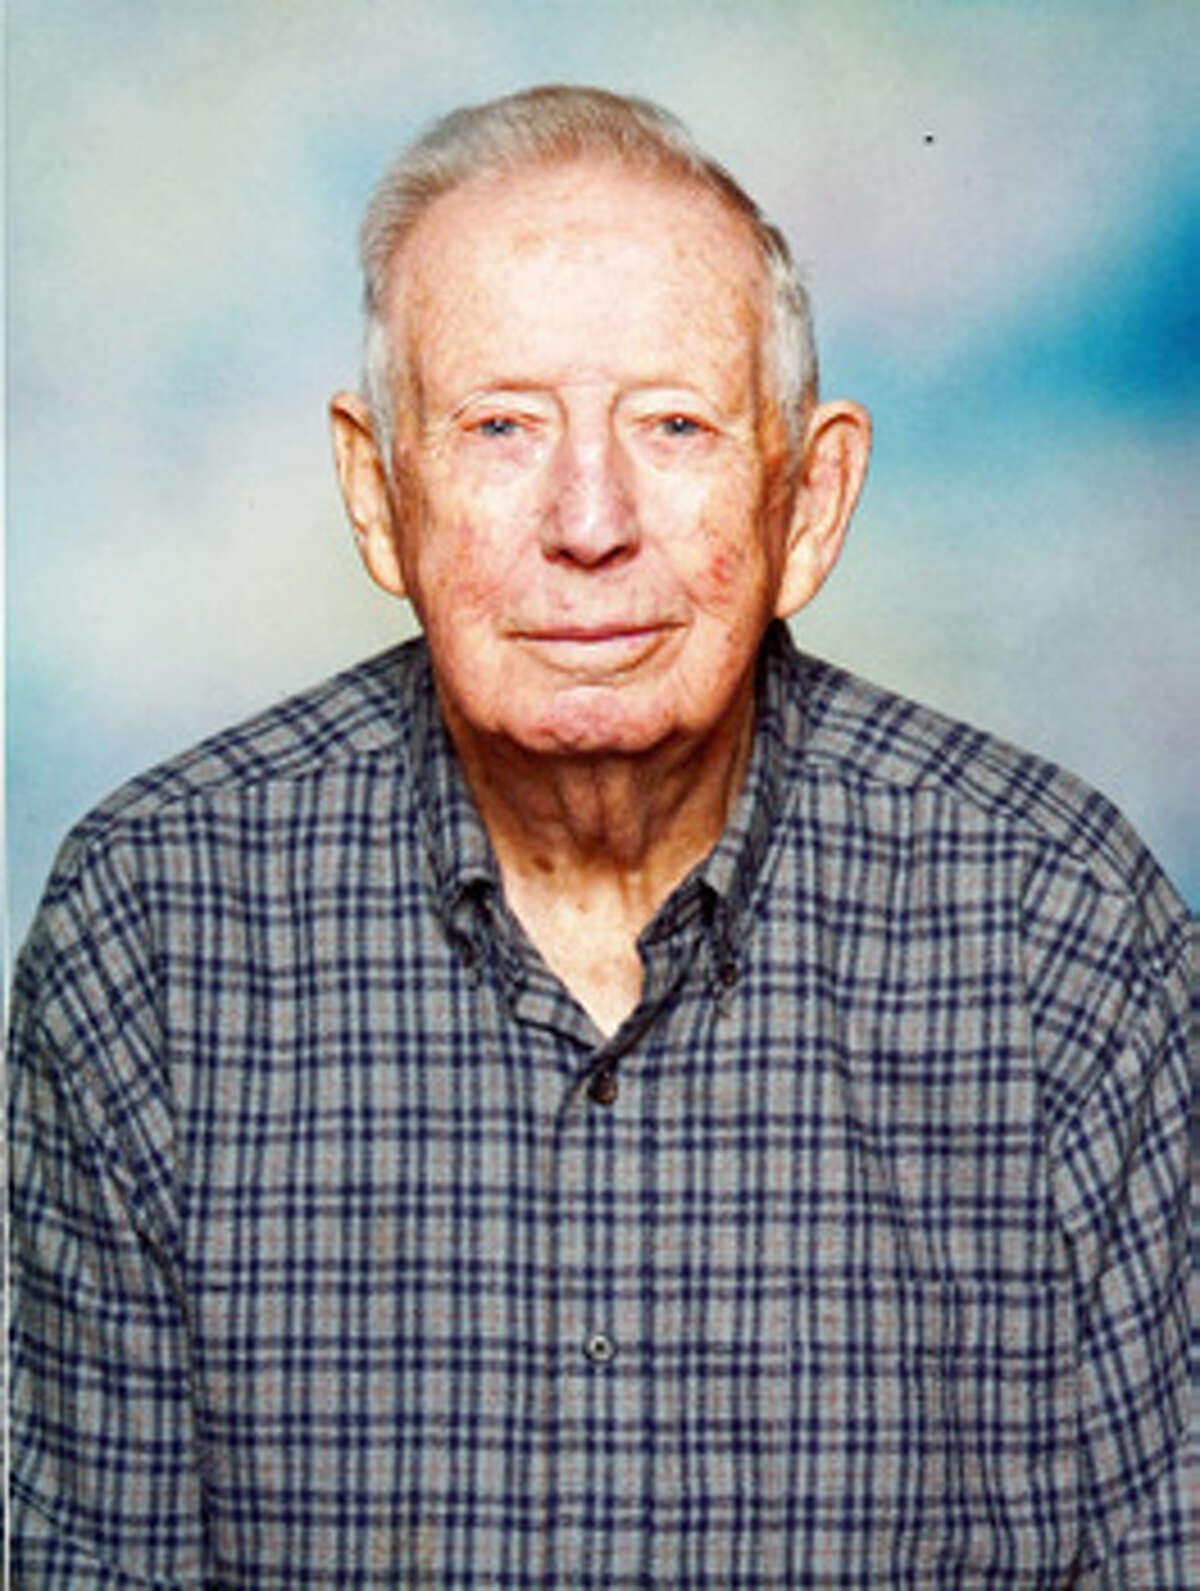 Robert G. Bennett, Corporal, US Army, 1952-1954